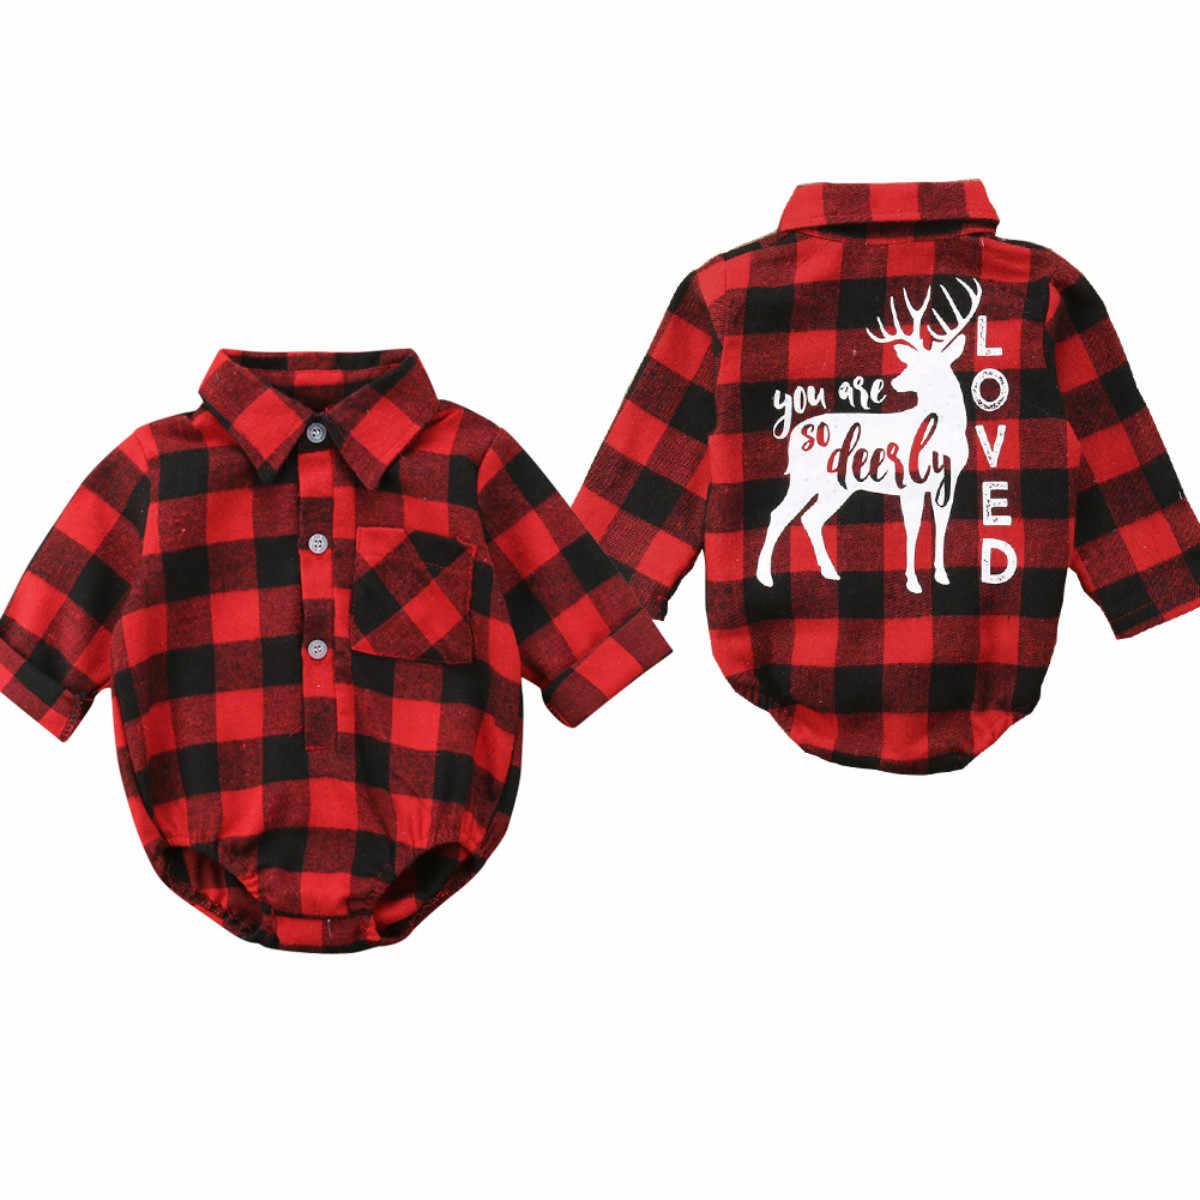 Бесплатная доставка, Рождественский Красный Клетчатый комбинезон с рисунком лося для новорожденных девочек и мальчиков, комбинезон с длинными рукавами, теплая осенне-зимняя одежда для малышей